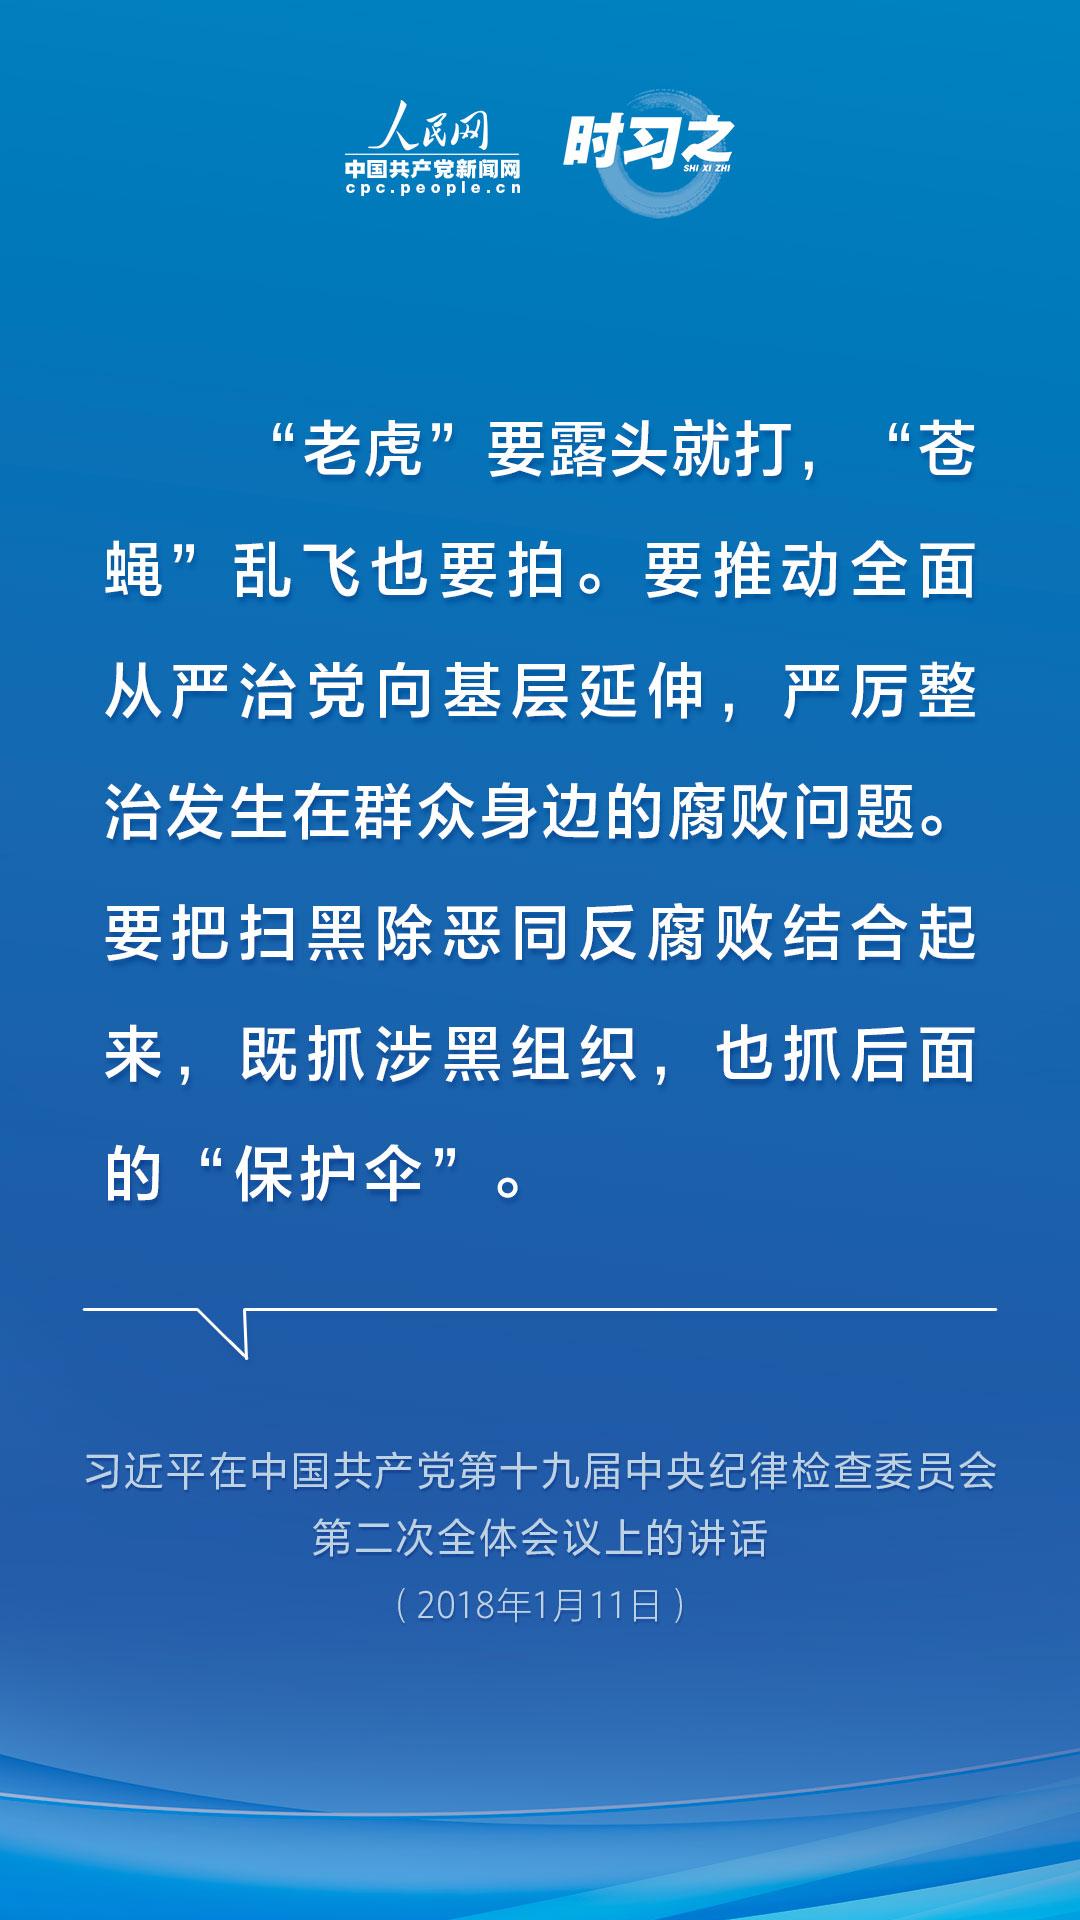 時習之 亮劍掃黑除惡 習近平為平安中國建設夯石筑基